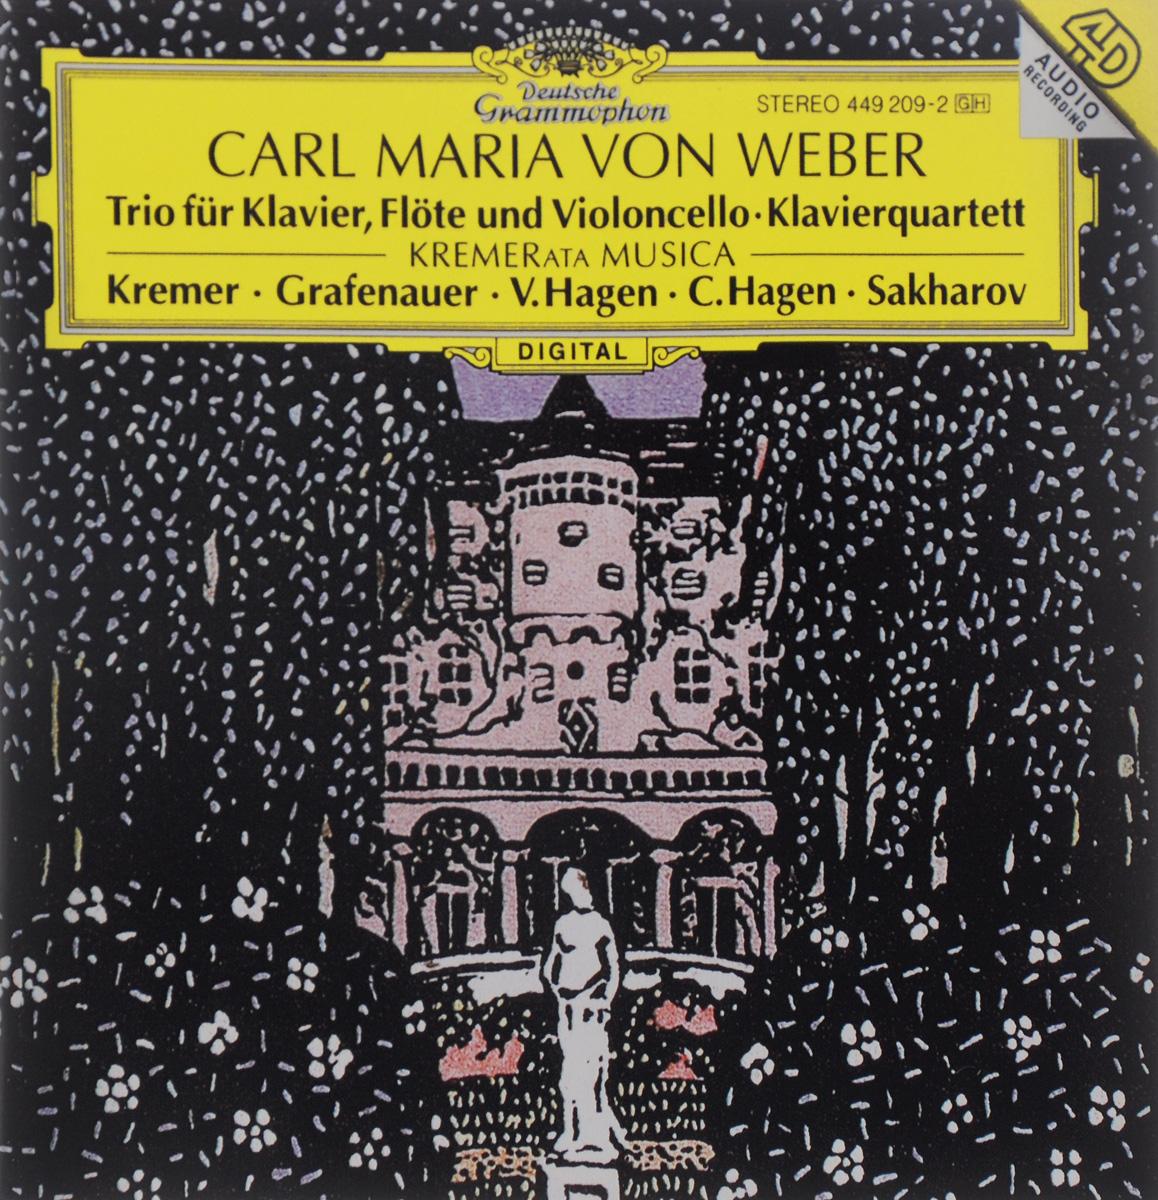 К изданию прилагается 16-страничный буклет с дополнительной информацией на немецком, английском, итальянском и французском языках.